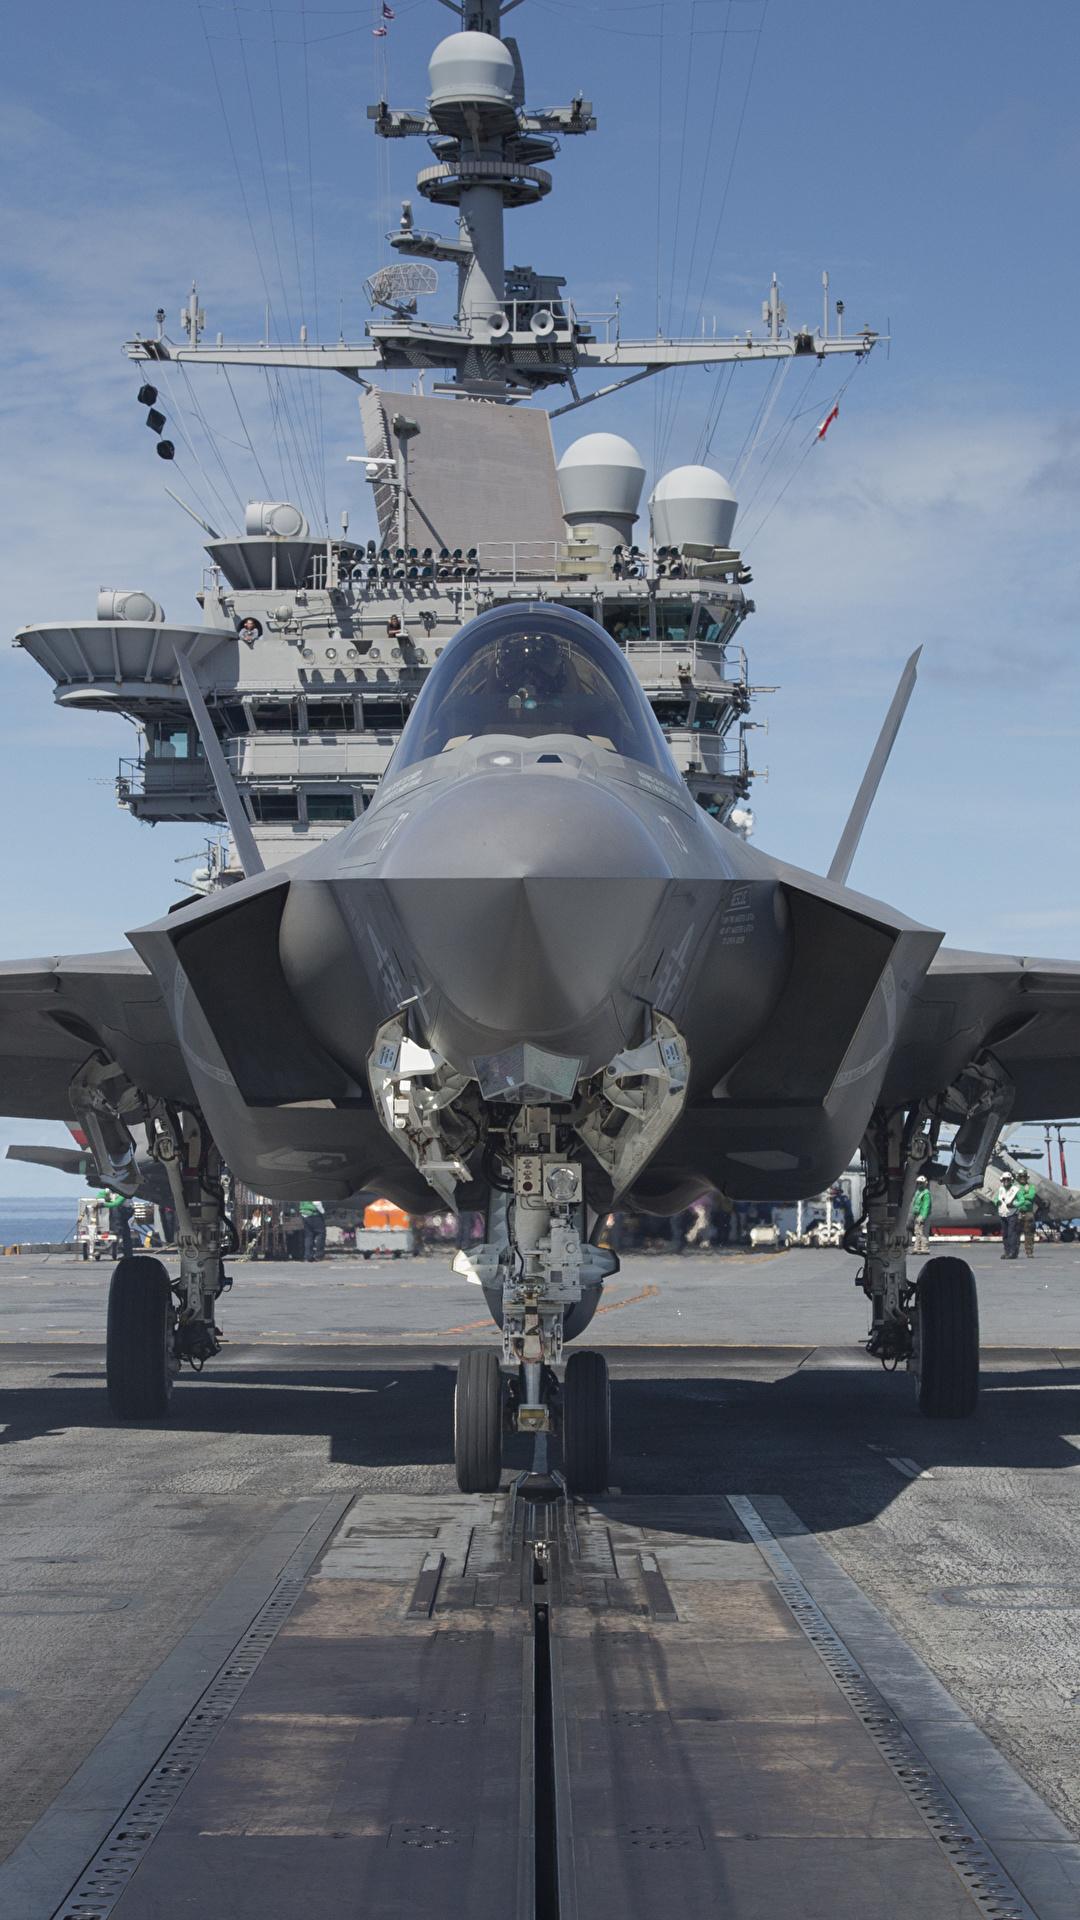 壁紙 1080x1920 飛行機 戦闘機 空母 F 35 Lightning Ii 正面図